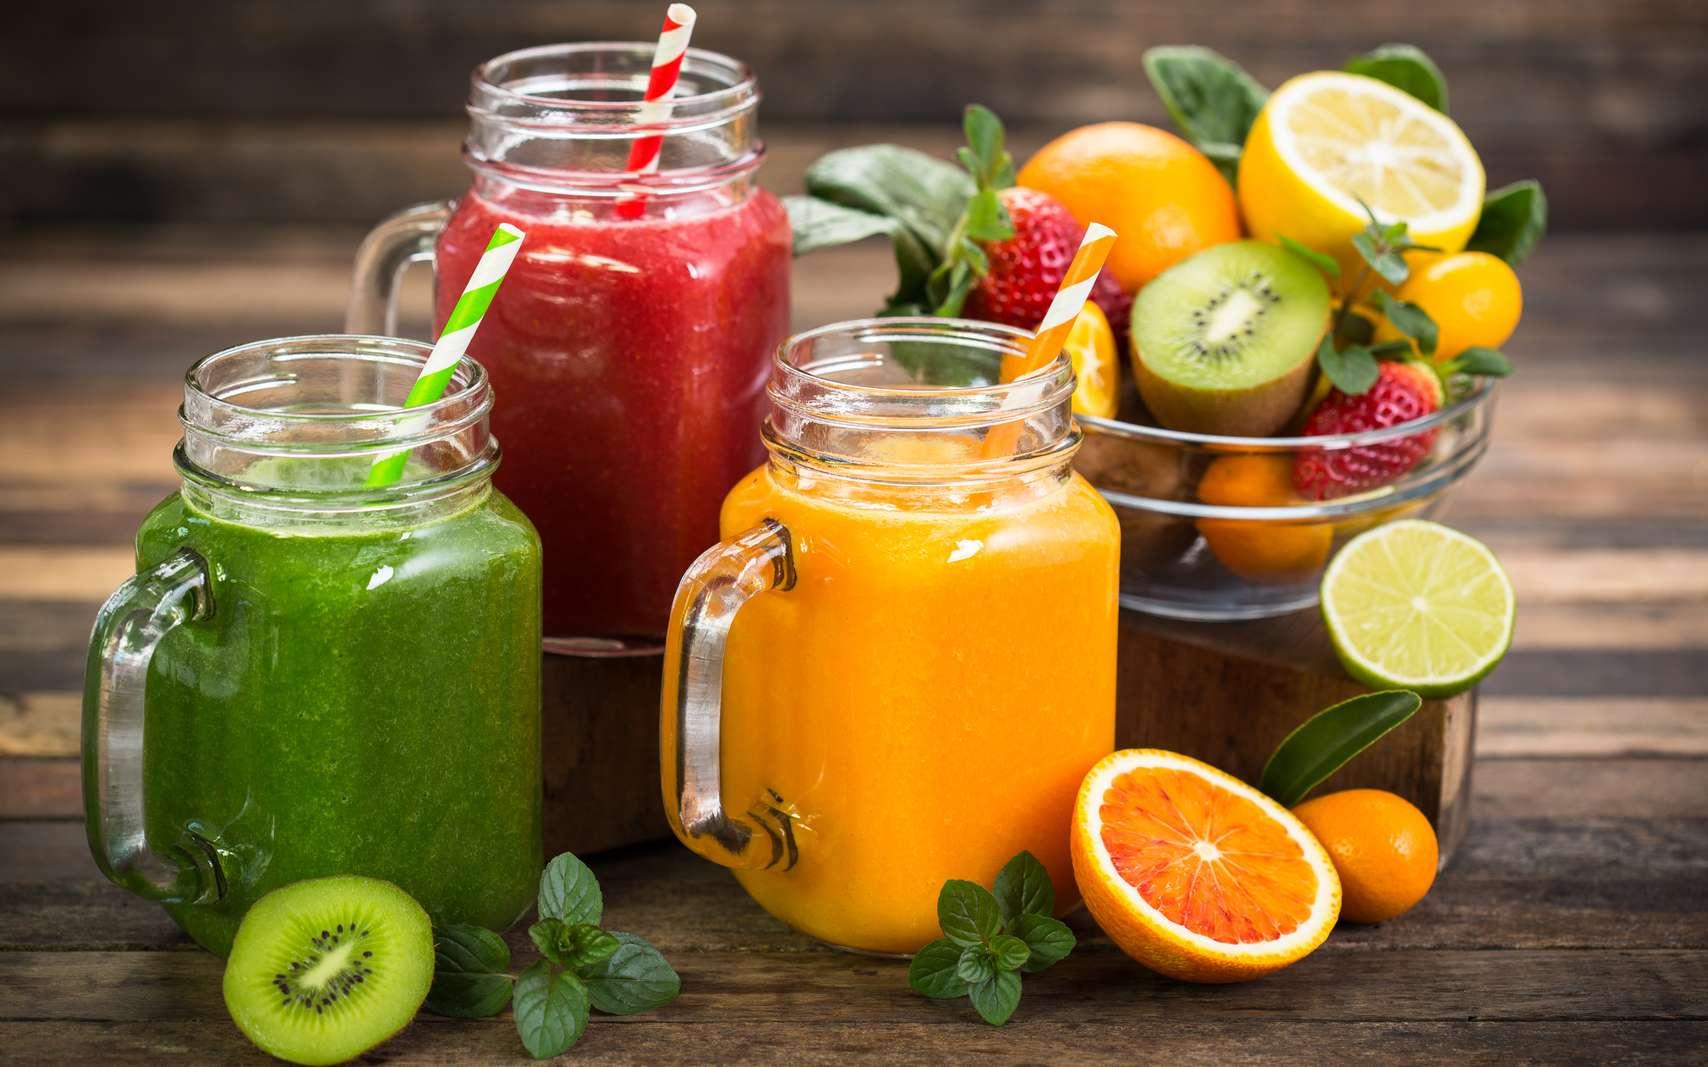 Les smoothies faits-maison, aux fruits ou aux légumes, sont un bonheur pour les papilles et la santé. © cholestérol, fotolia